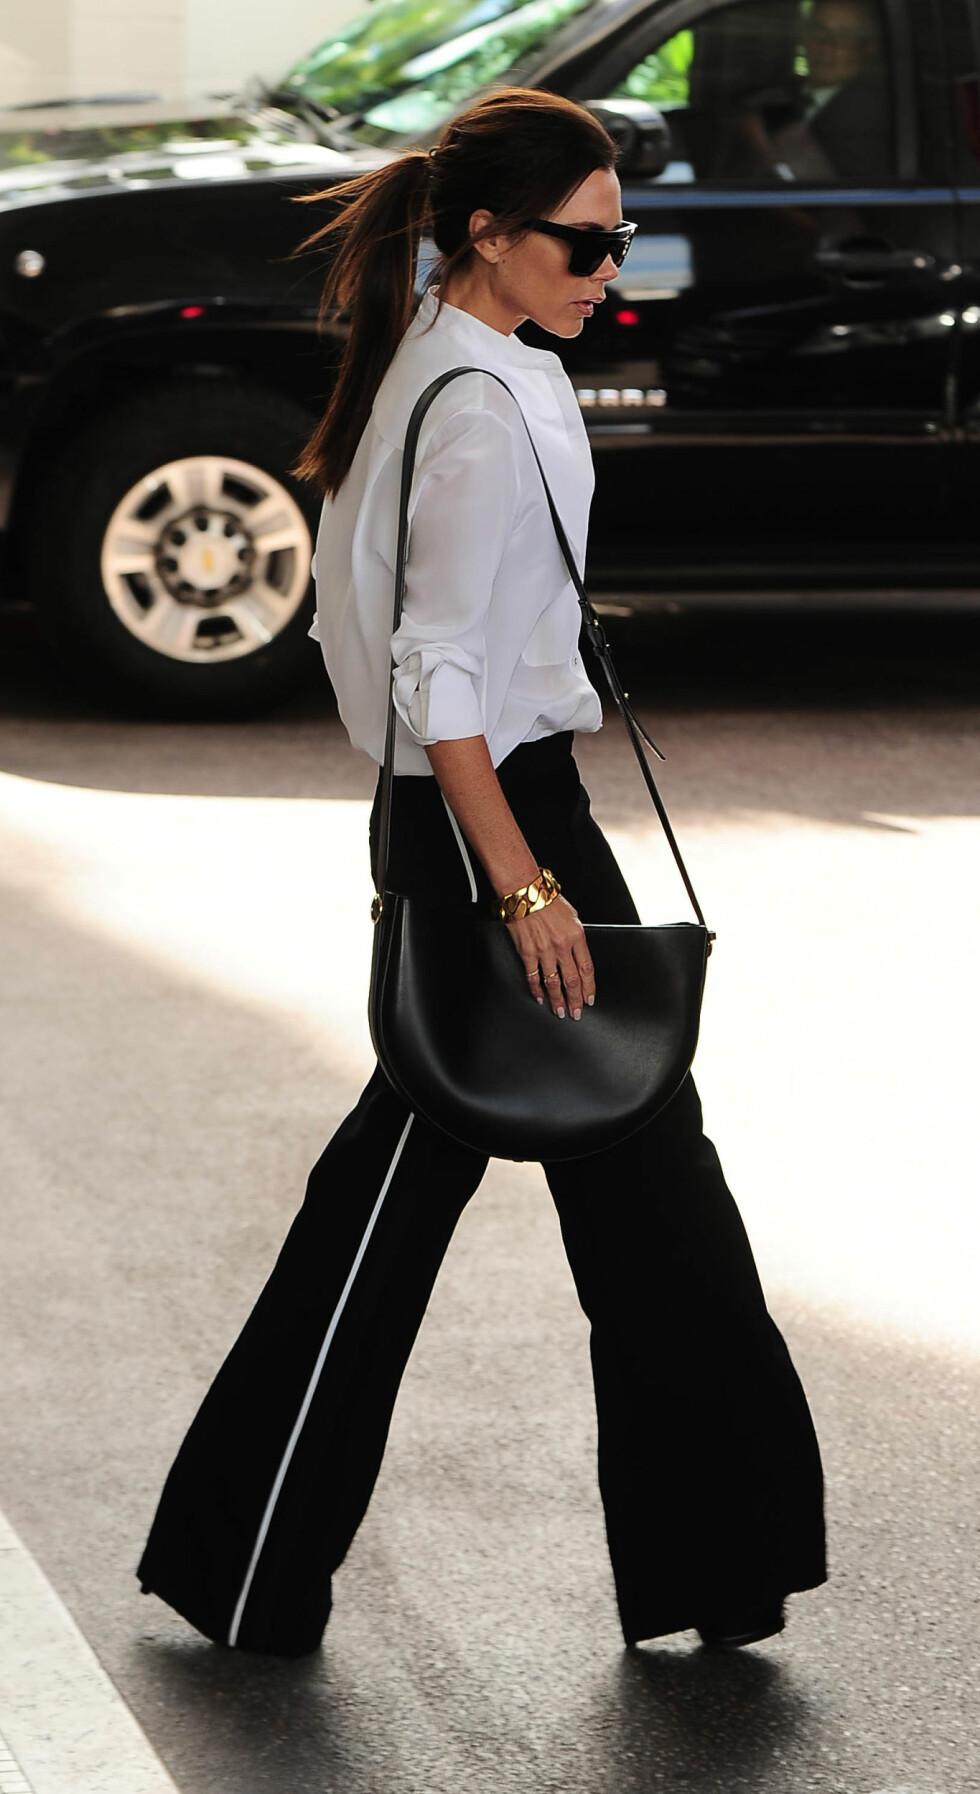 I KJENT STIL: Antrekk som dette er noe vi ofte ser Victoria Beckham i. Foto: Xposure